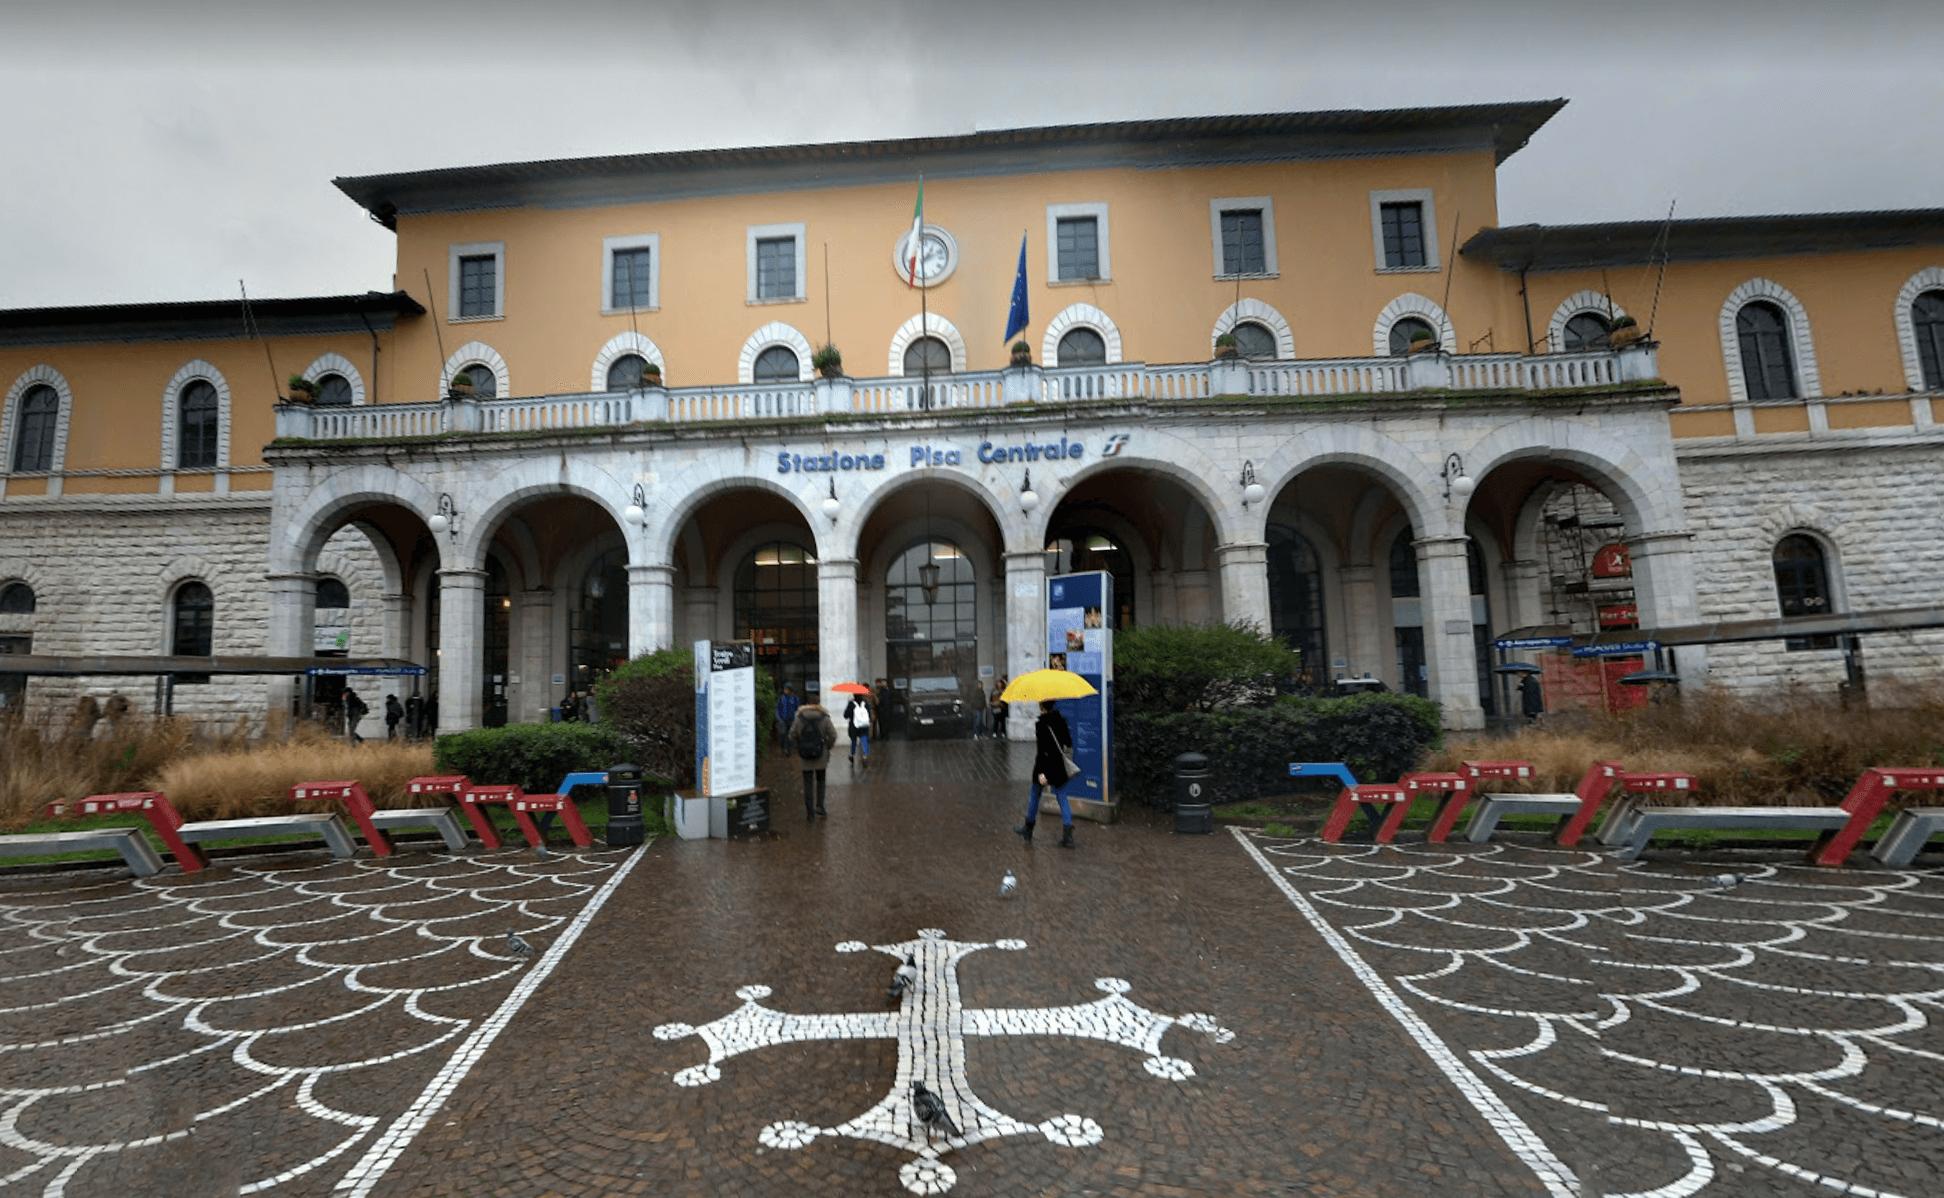 Pisa Centraie